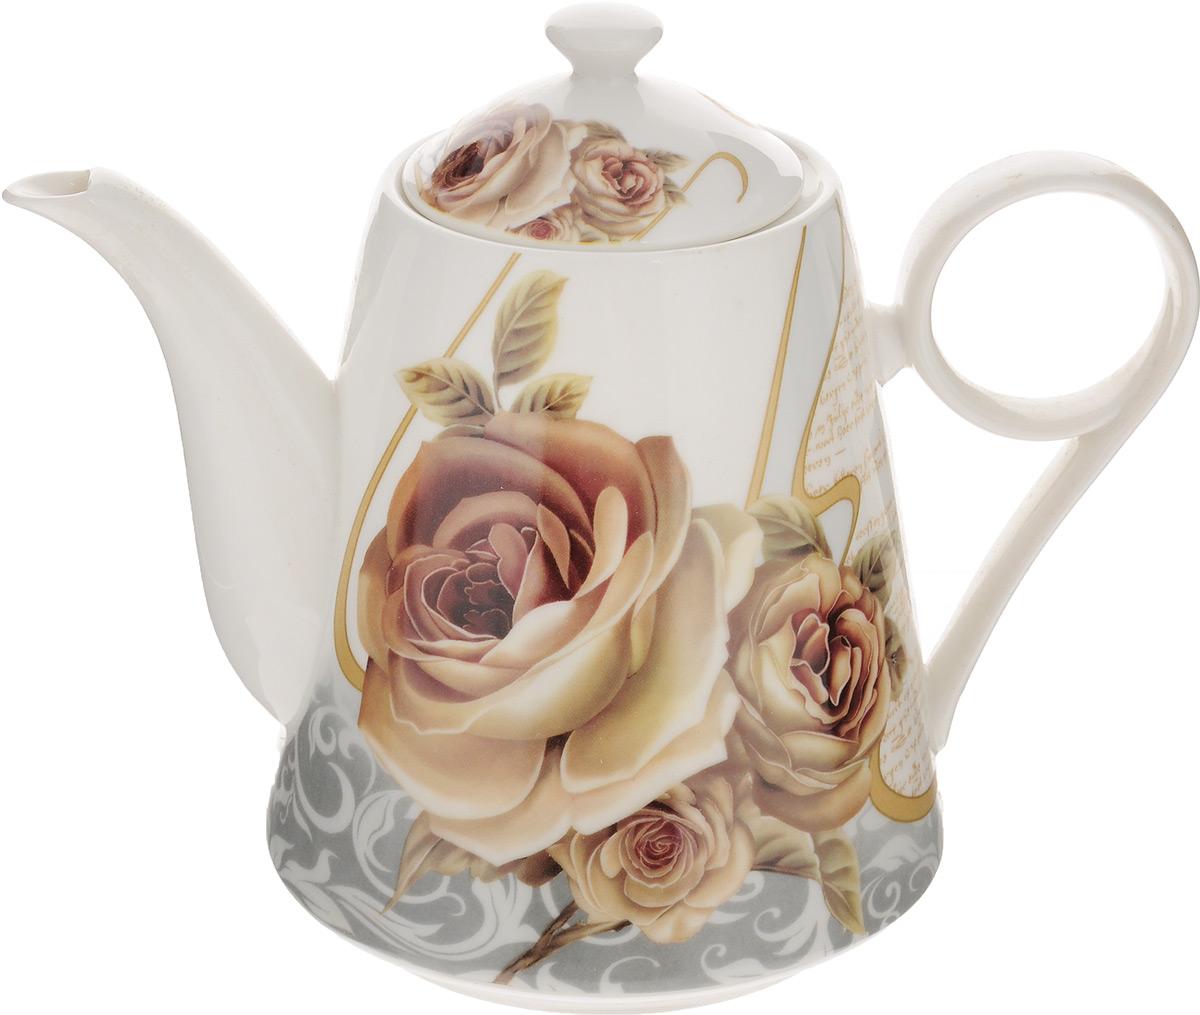 Чайник заварочный Loraine, 1,25 л. 2297722977Заварочный чайник Loraine, изготовленный из высококачественного костяного фарфора с глазурованным покрытием, оснащен удобной ручкой и крышкой. Изделие прекрасно подходит для заваривания ароматного чая, травяных настоев и многого другого. Цветочный рисунок придает чайнику особый шарм. Он удобен в использование и понравится каждому. Заварочный чайник Loraine станет приятным и практичным подарком на любой праздник. Диаметр чайника (по верхнему краю): 8 см. Диаметр основания: 10 см. Высота чайника (без учета крышки): 15 см. Высота чайника (с учетом крышки): 18,5 см.